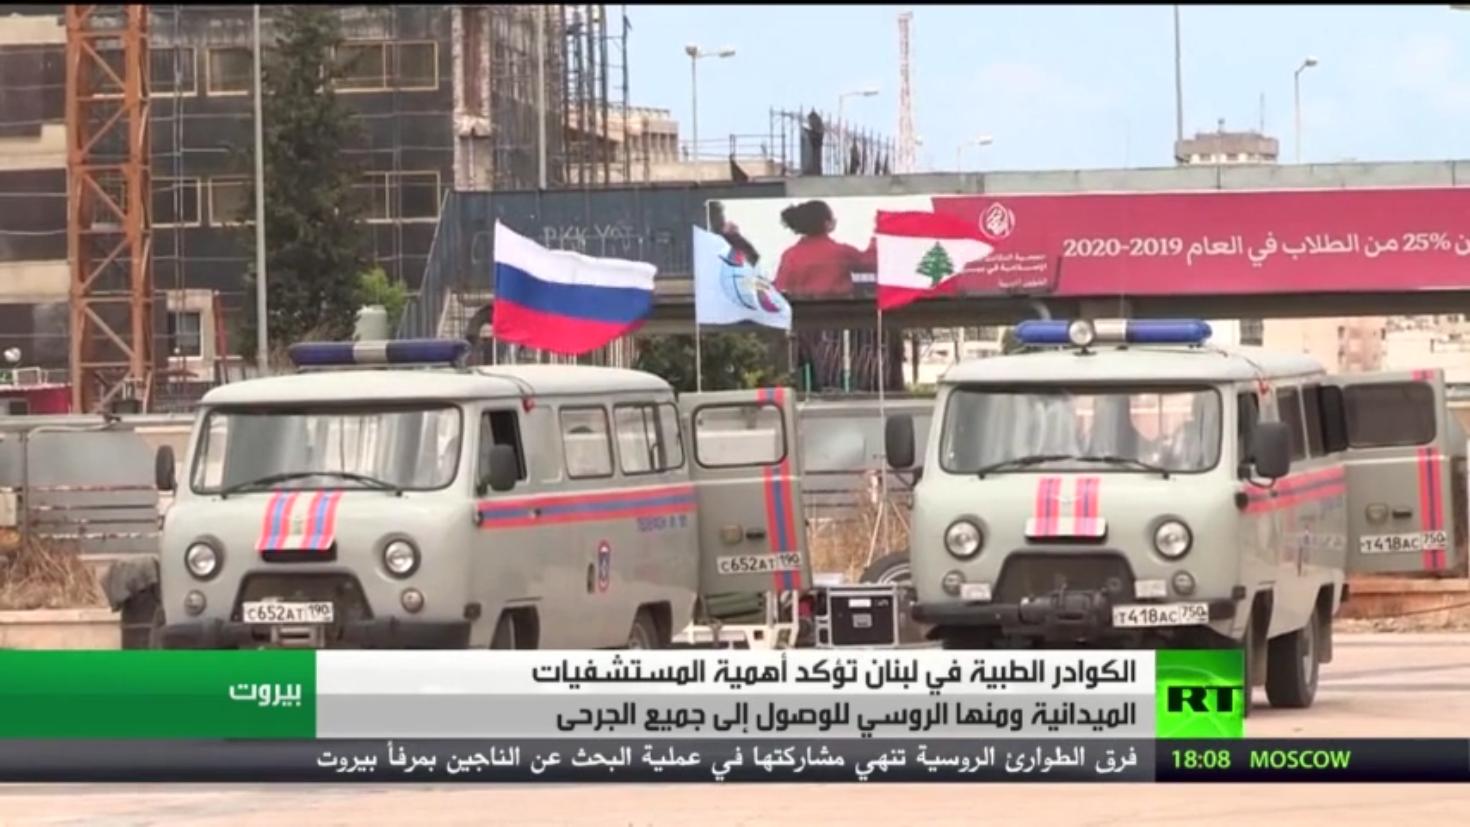 تواصل عمل المشفى الميداني الروسي ببيروت